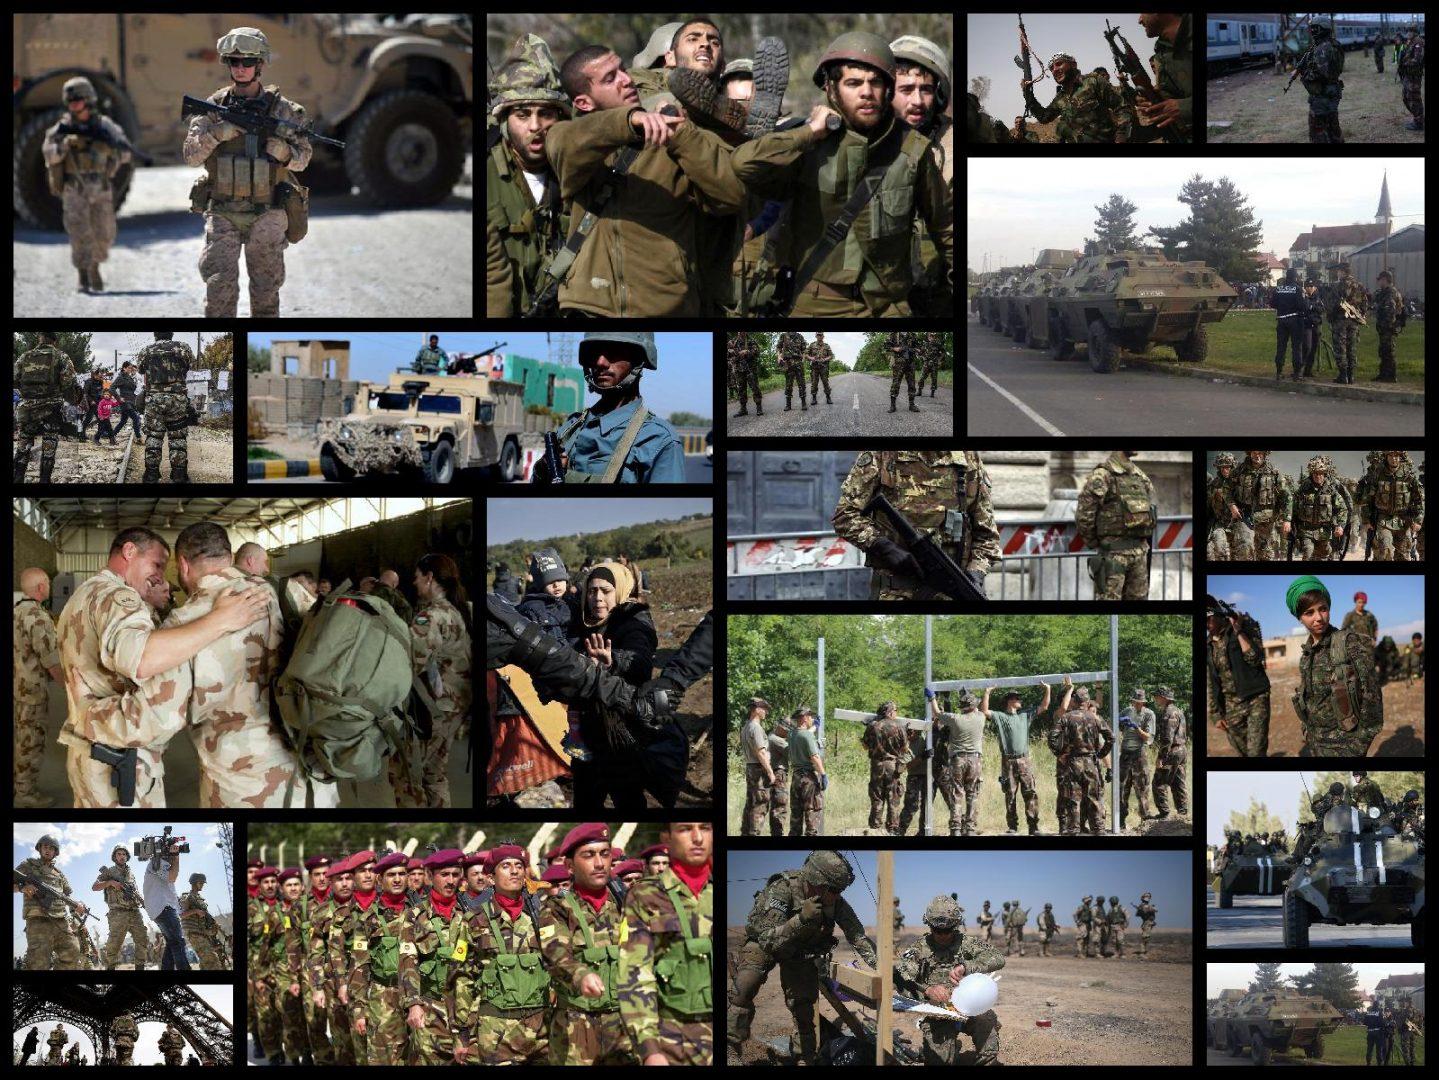 fegyveres-testulet-kepviseloi-katonak-a-haborubol-es-a-fogado-orszagban